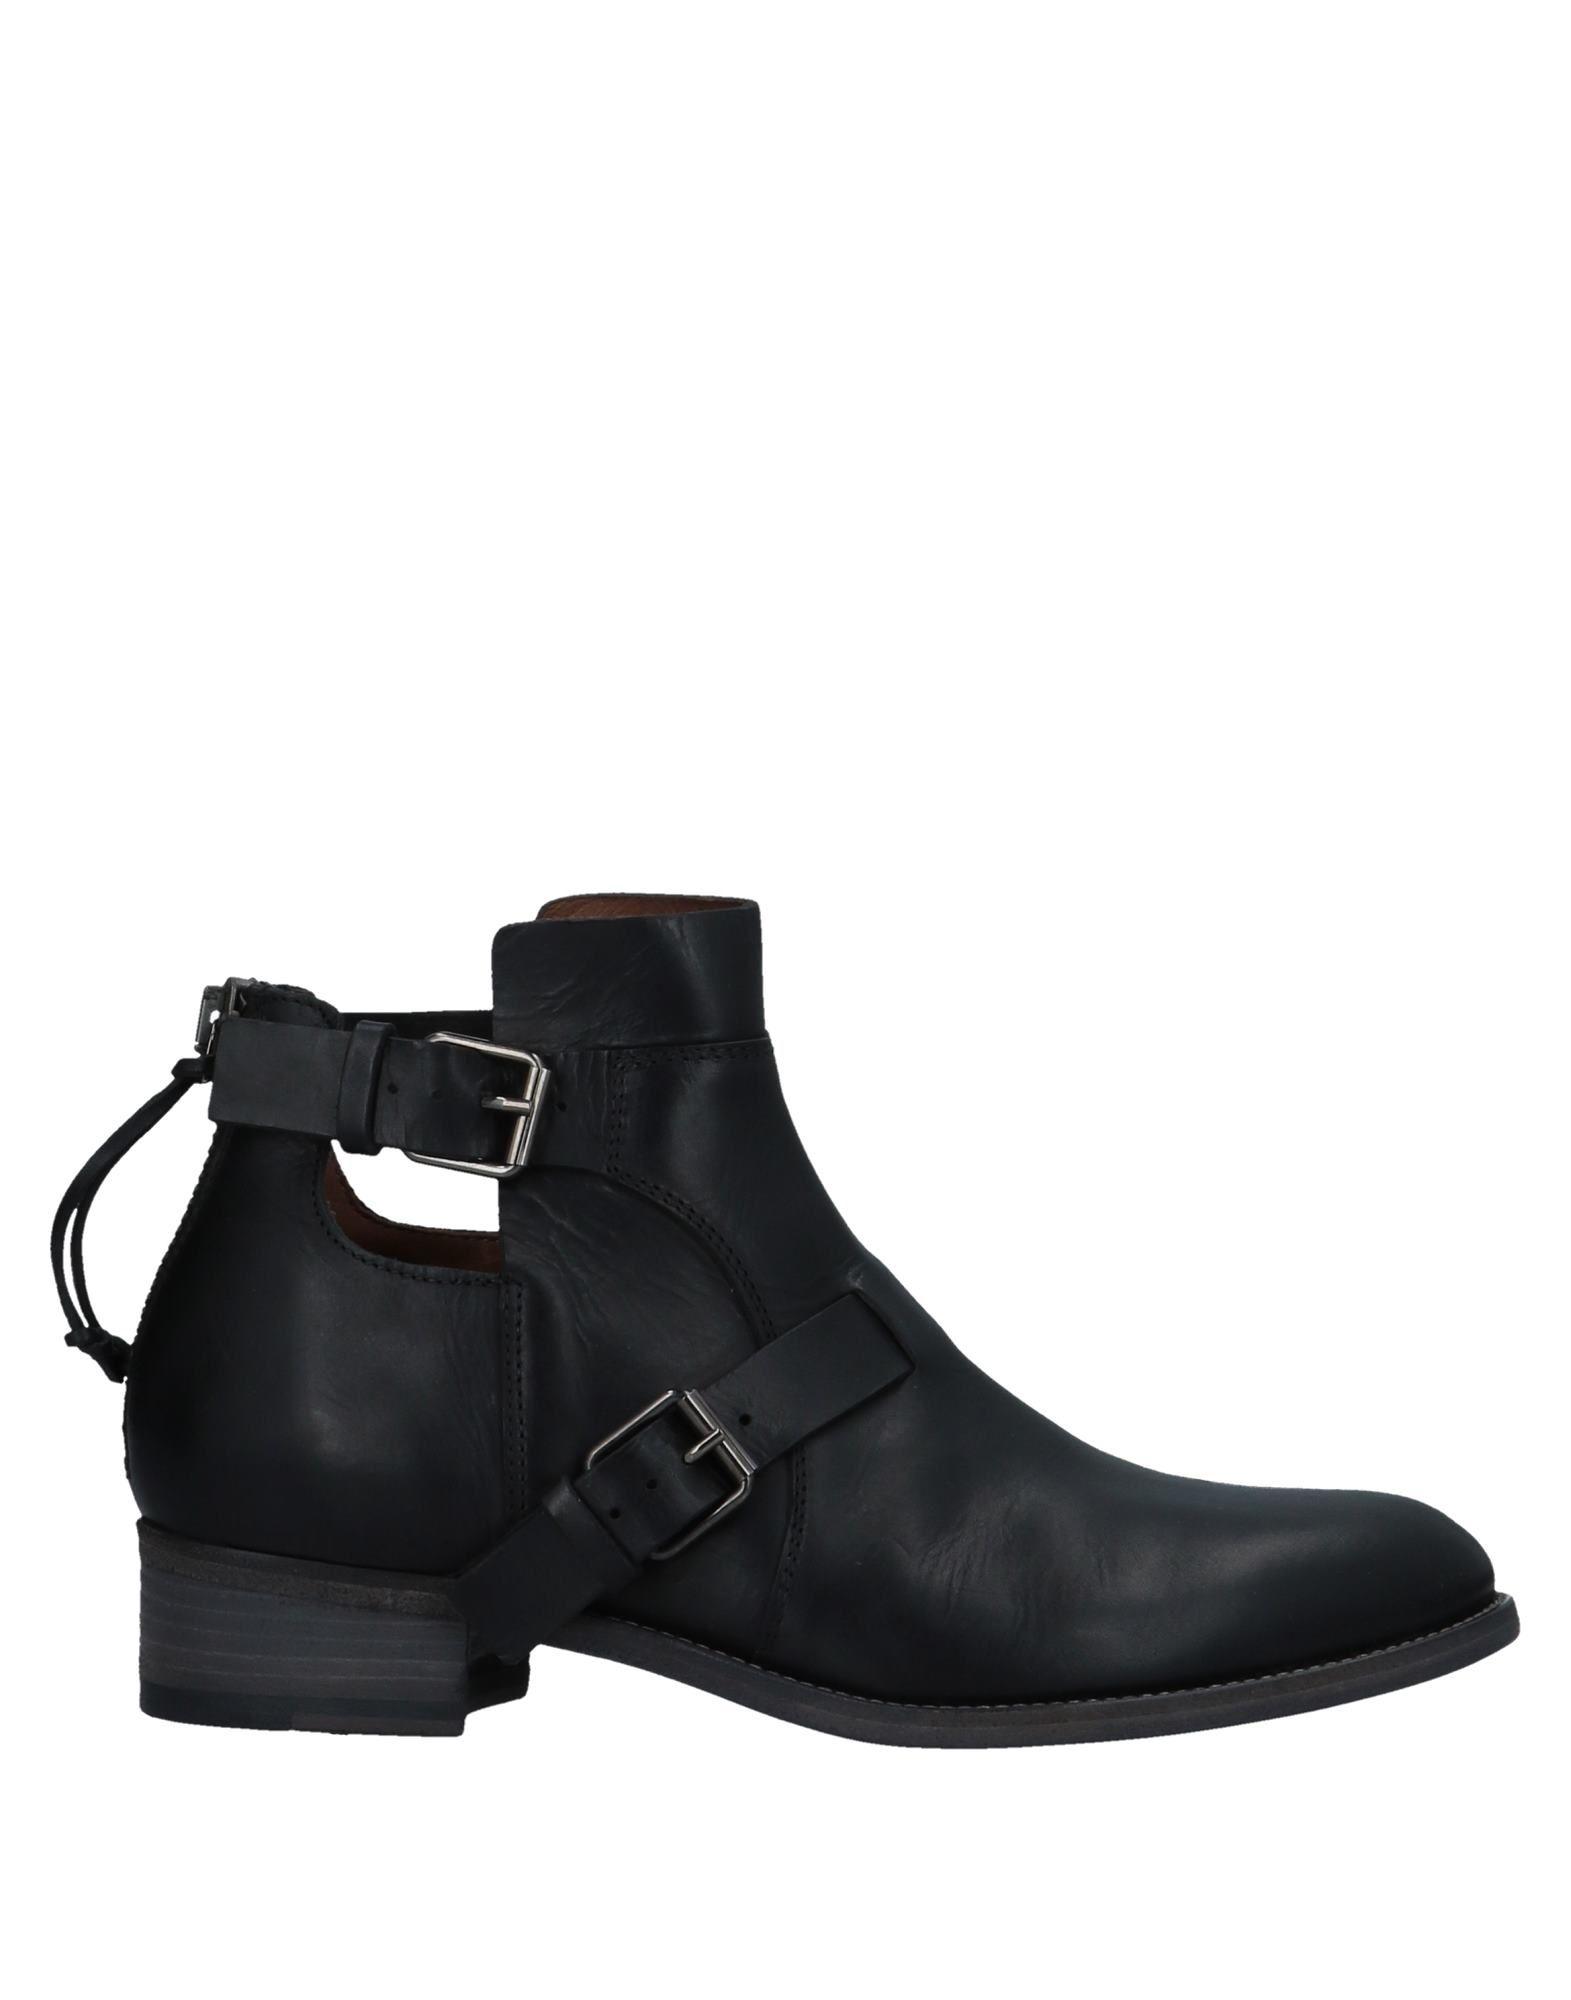 Buttero® Stiefelette Damen  11544211GBGut aussehende strapazierfähige Schuhe